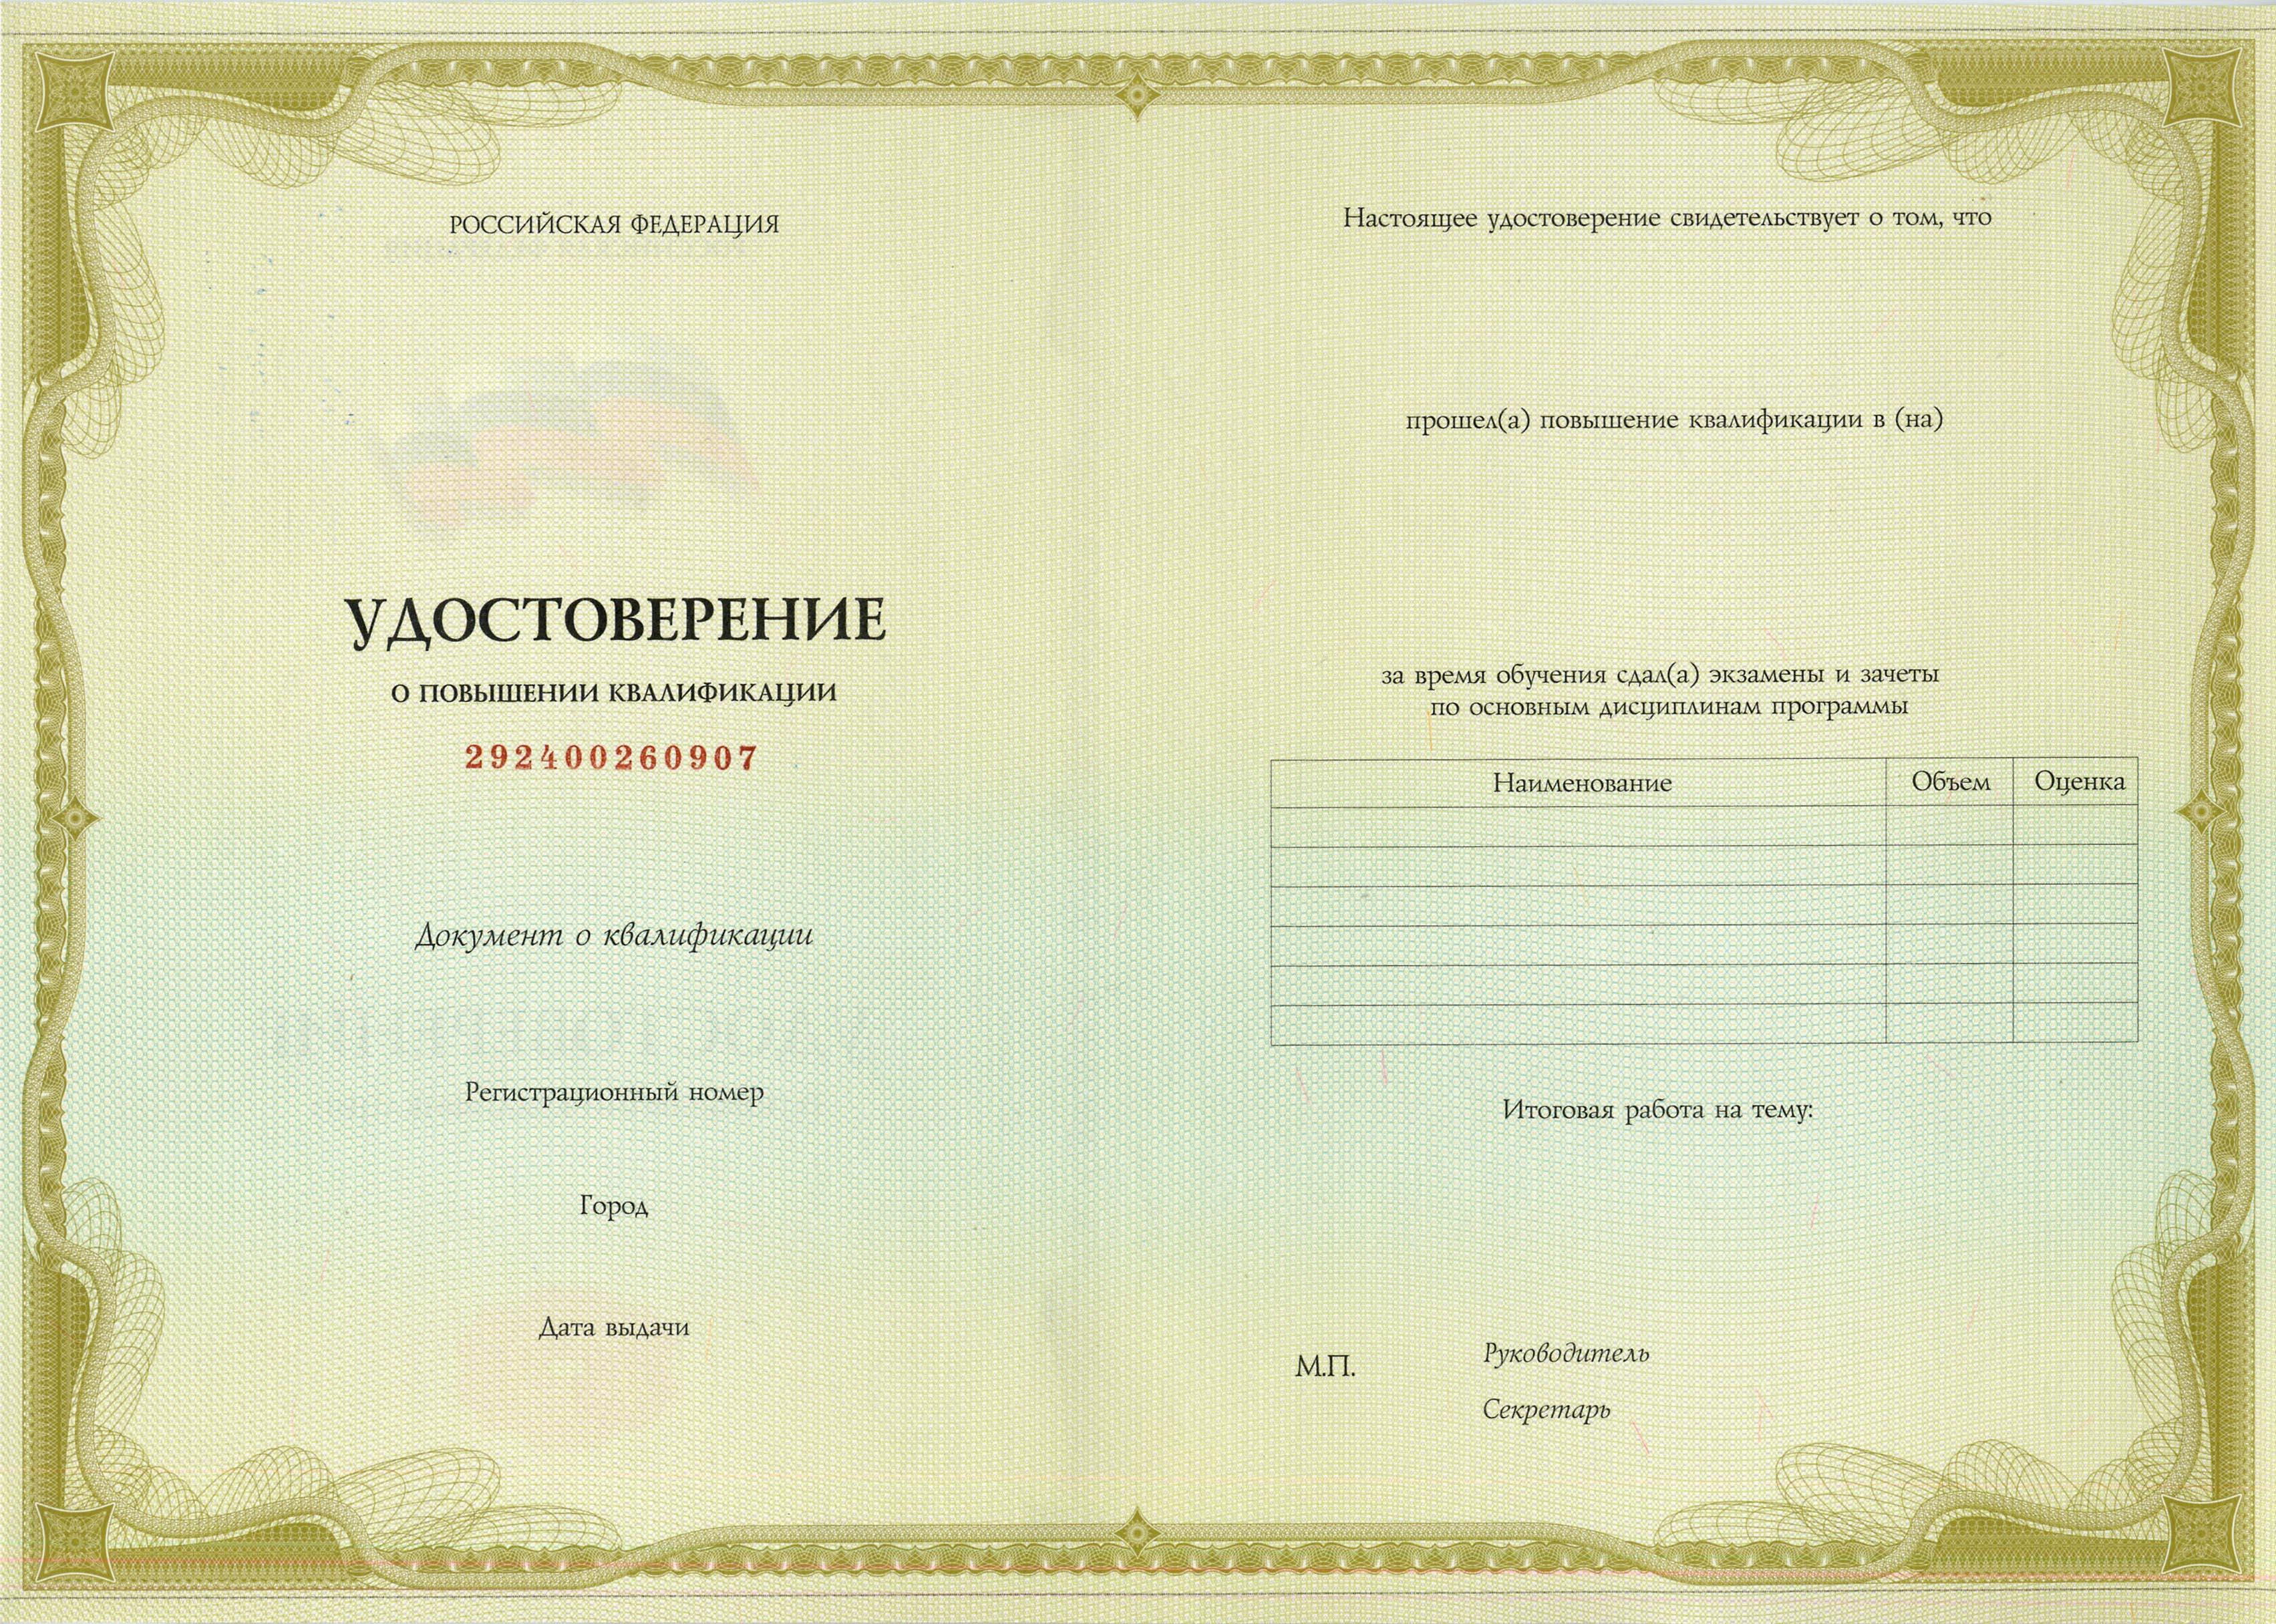 Сертификат По Окончанию Курсов Образец